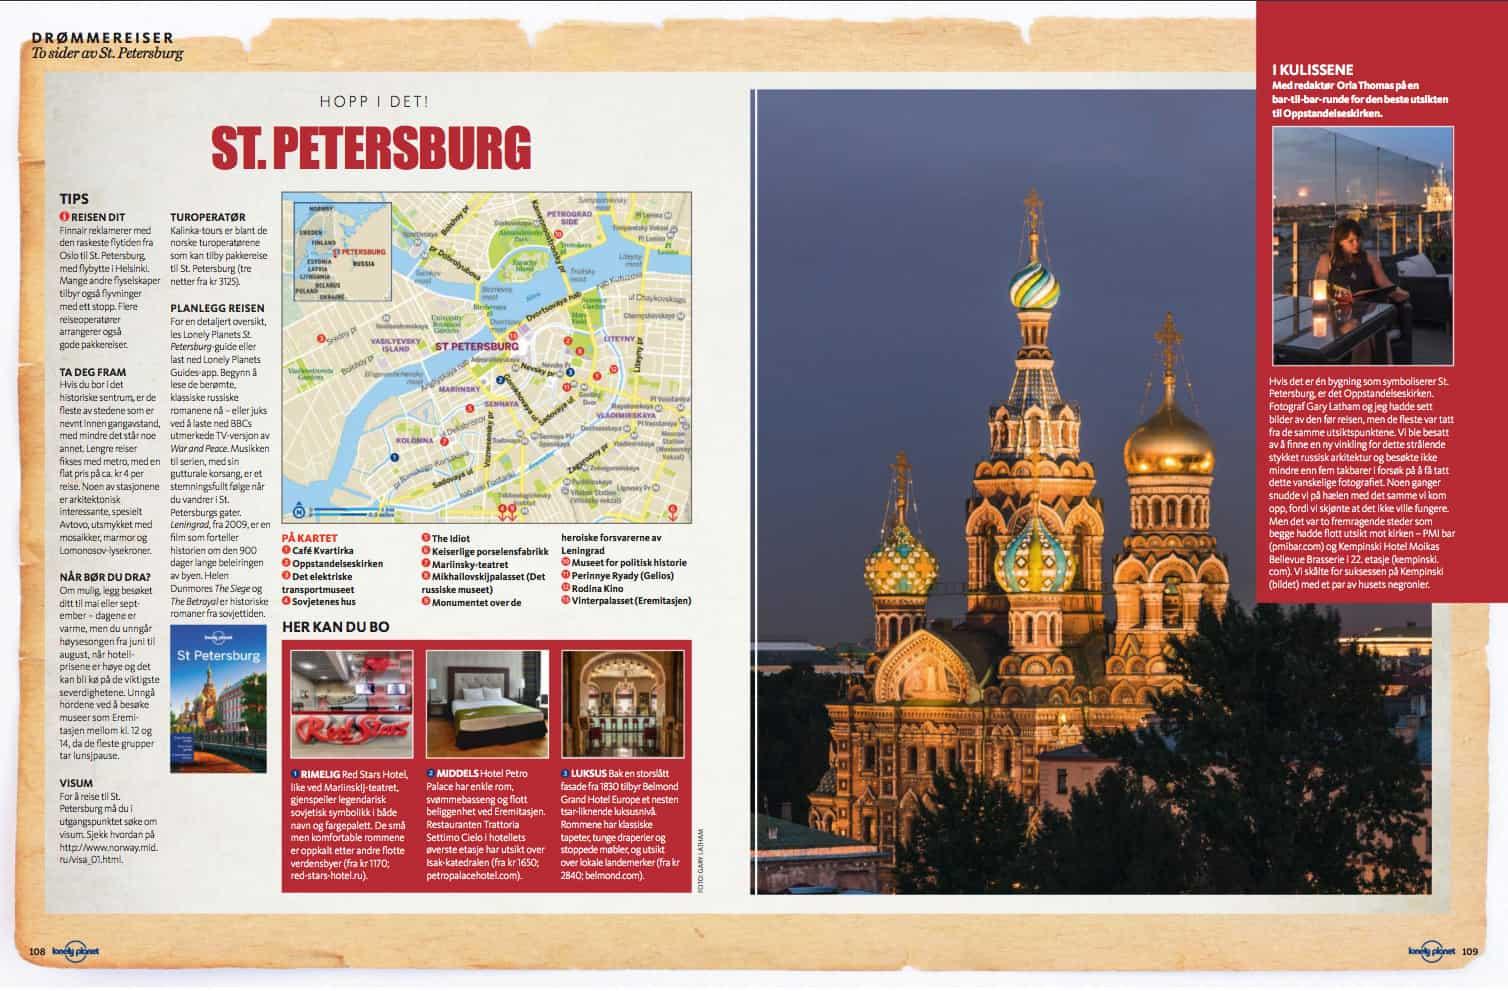 St. Petersburg, oppslag